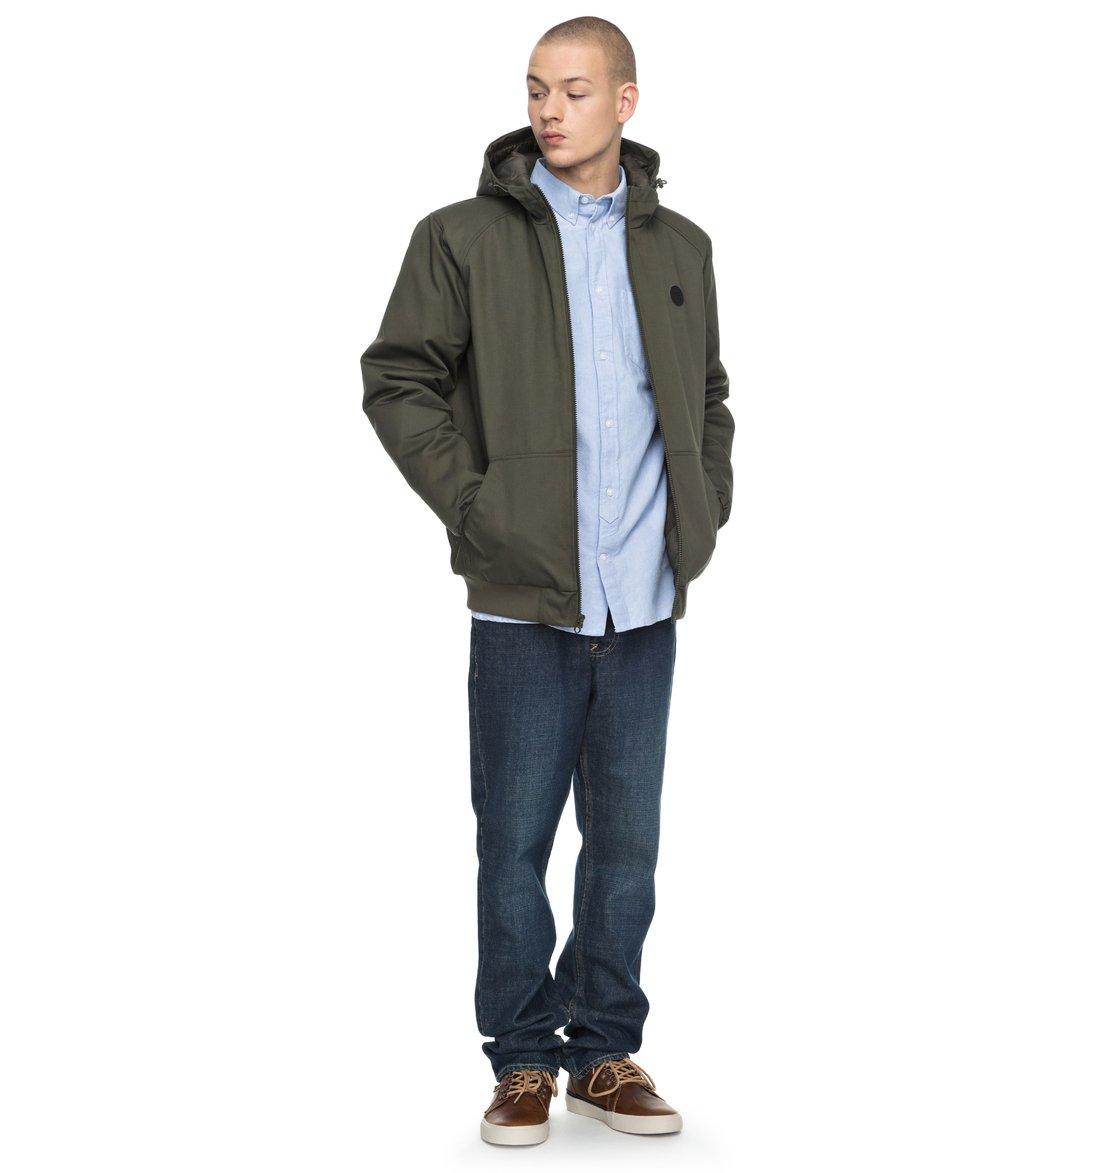 DC-Shoes-Ellis-Hooded-Bomber-Jacket-Veste-bomber-a-capuche-Homme